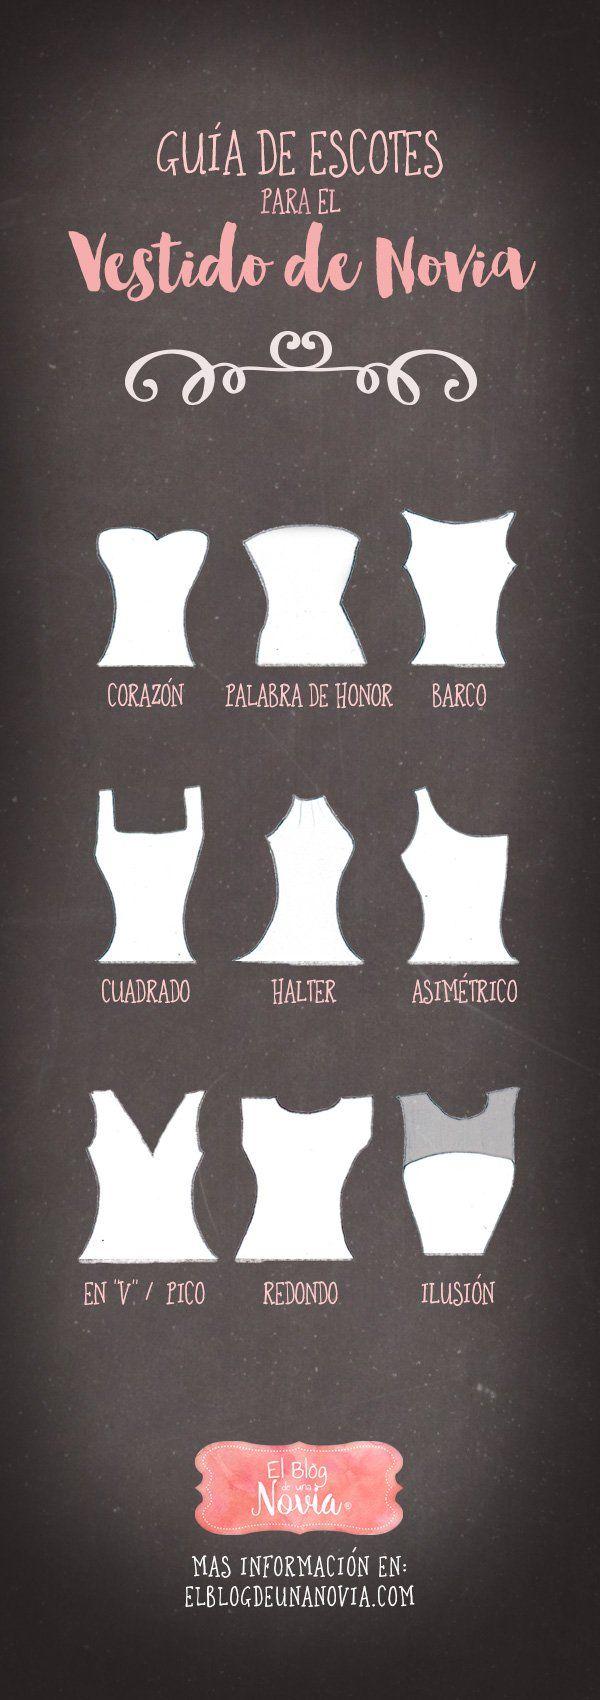 Guía de Escotes para el Vestido de Novia | El Blog de una Novia…